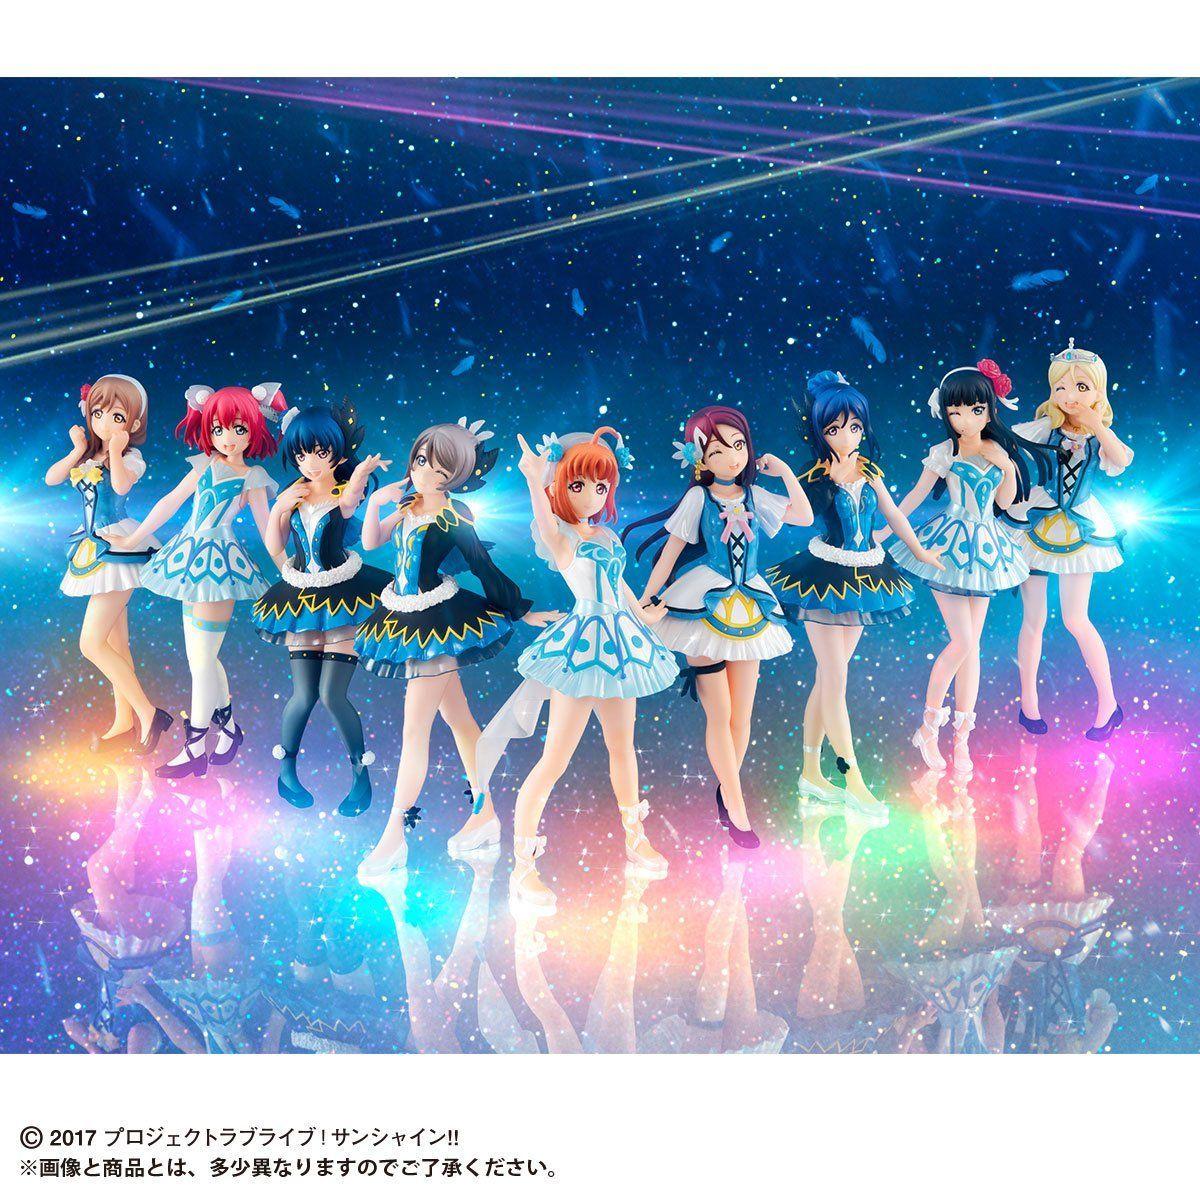 Gasha Portraits『ラブライブ!サンシャイン!! ~WATER BLUE NEW WORLD SET~』セット-002